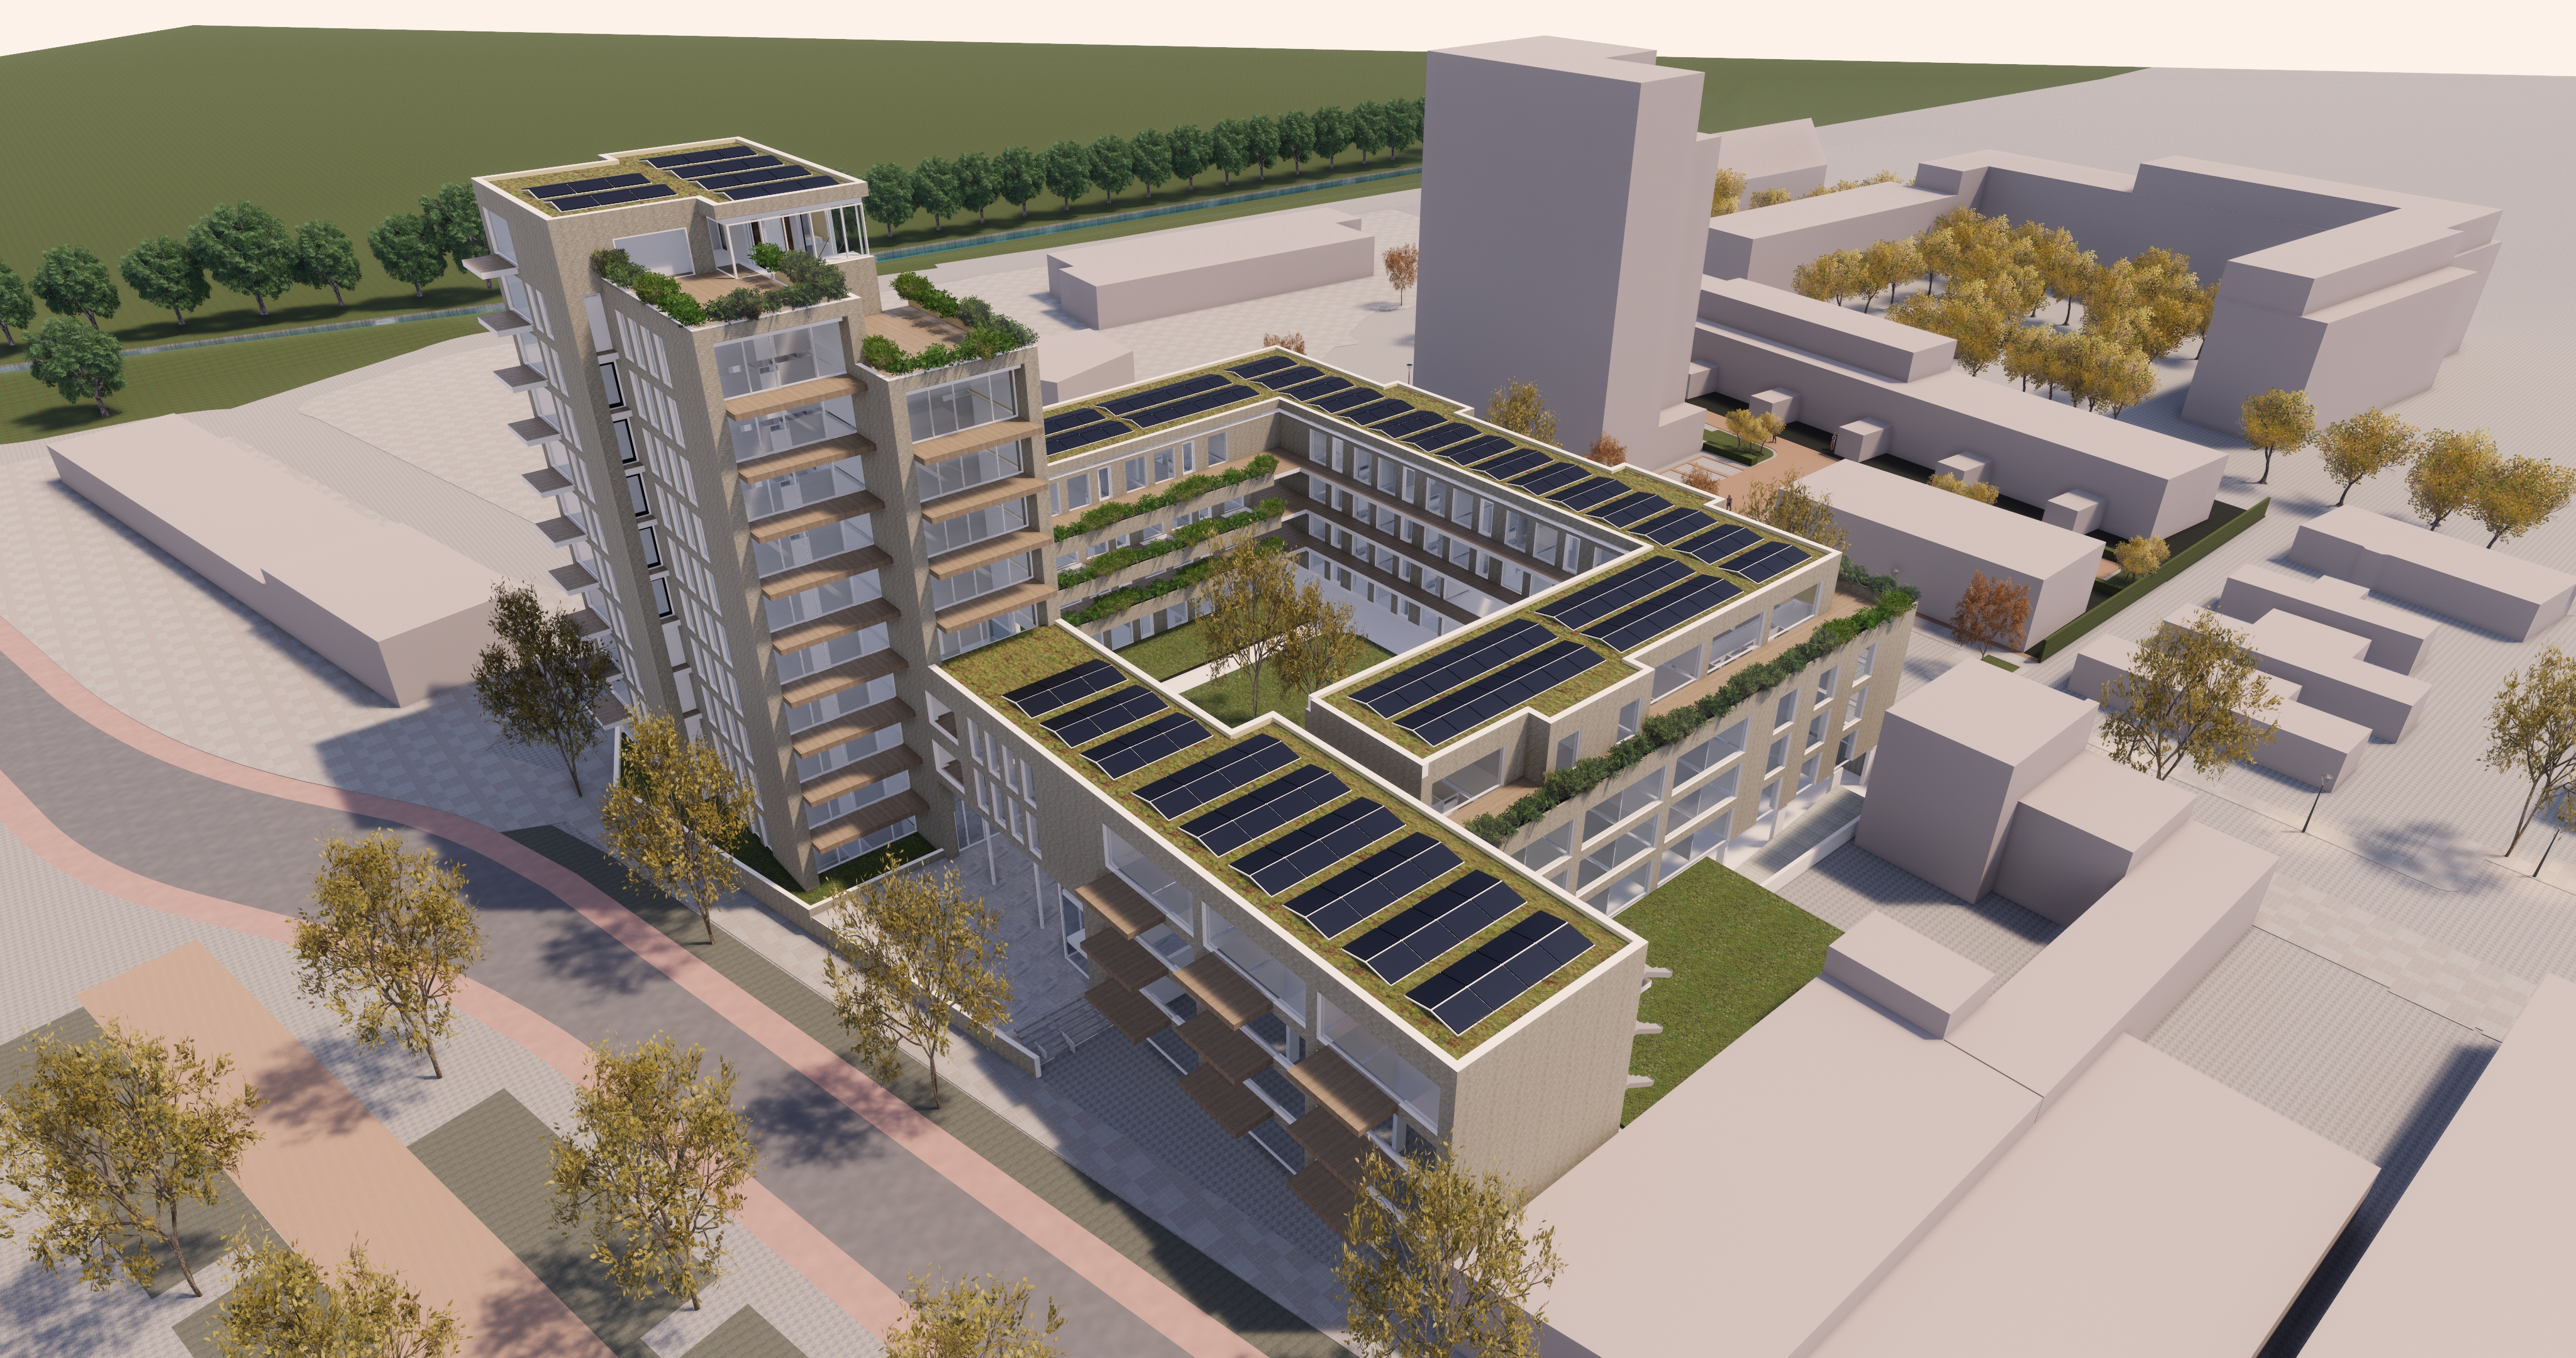 Het ontwerp voor de woontoren die op de hoek van de Vennelaan en de Beijneslaan moet verrijzen.